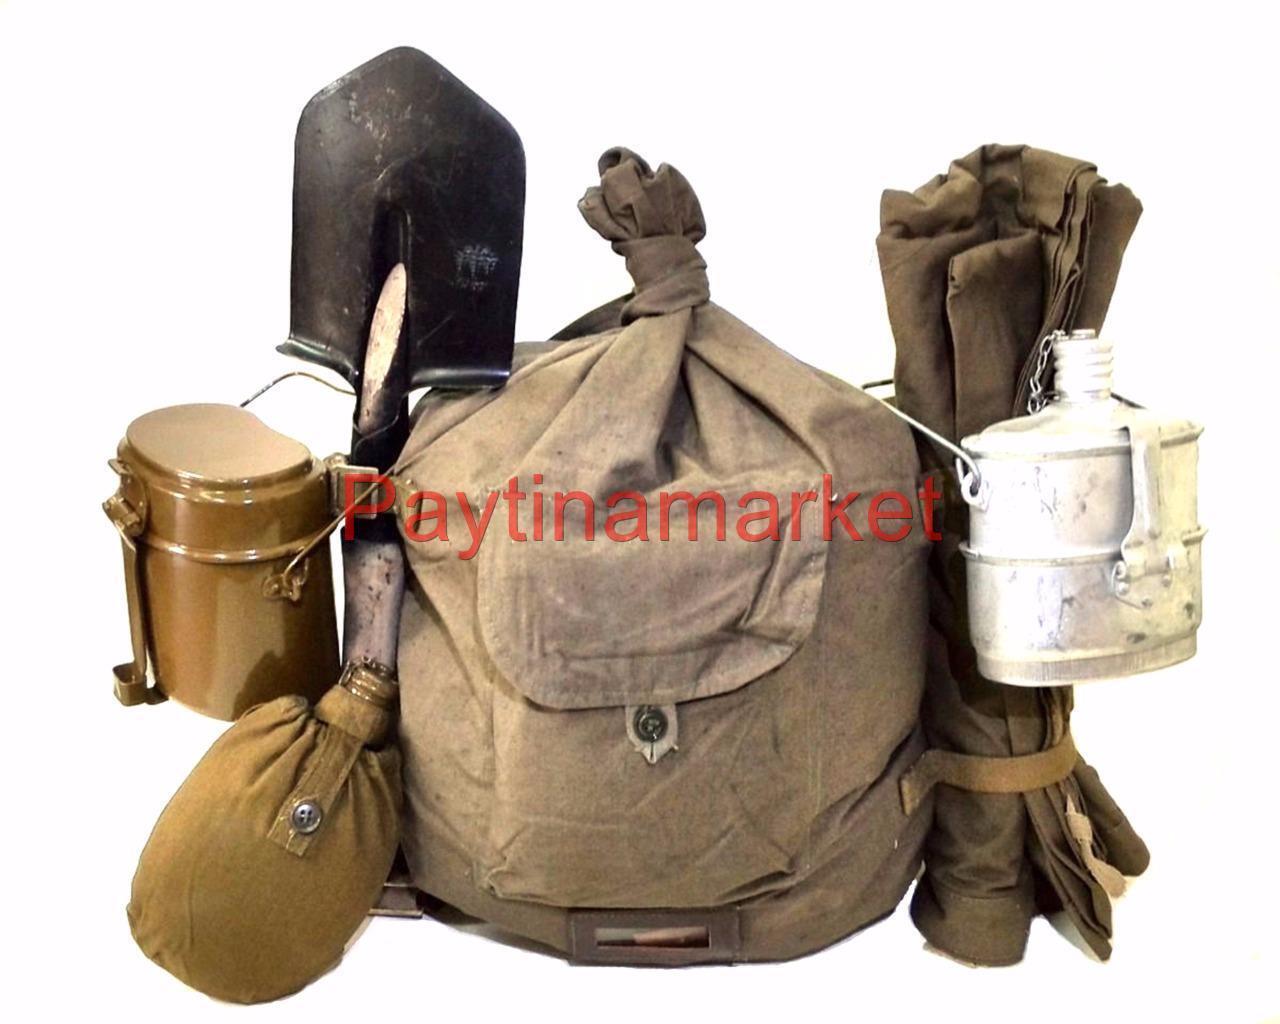 Equipo militar SOLDADO URSS almuerzo WDW ejército de tienda de campaña manto Pala Kitbag matraz